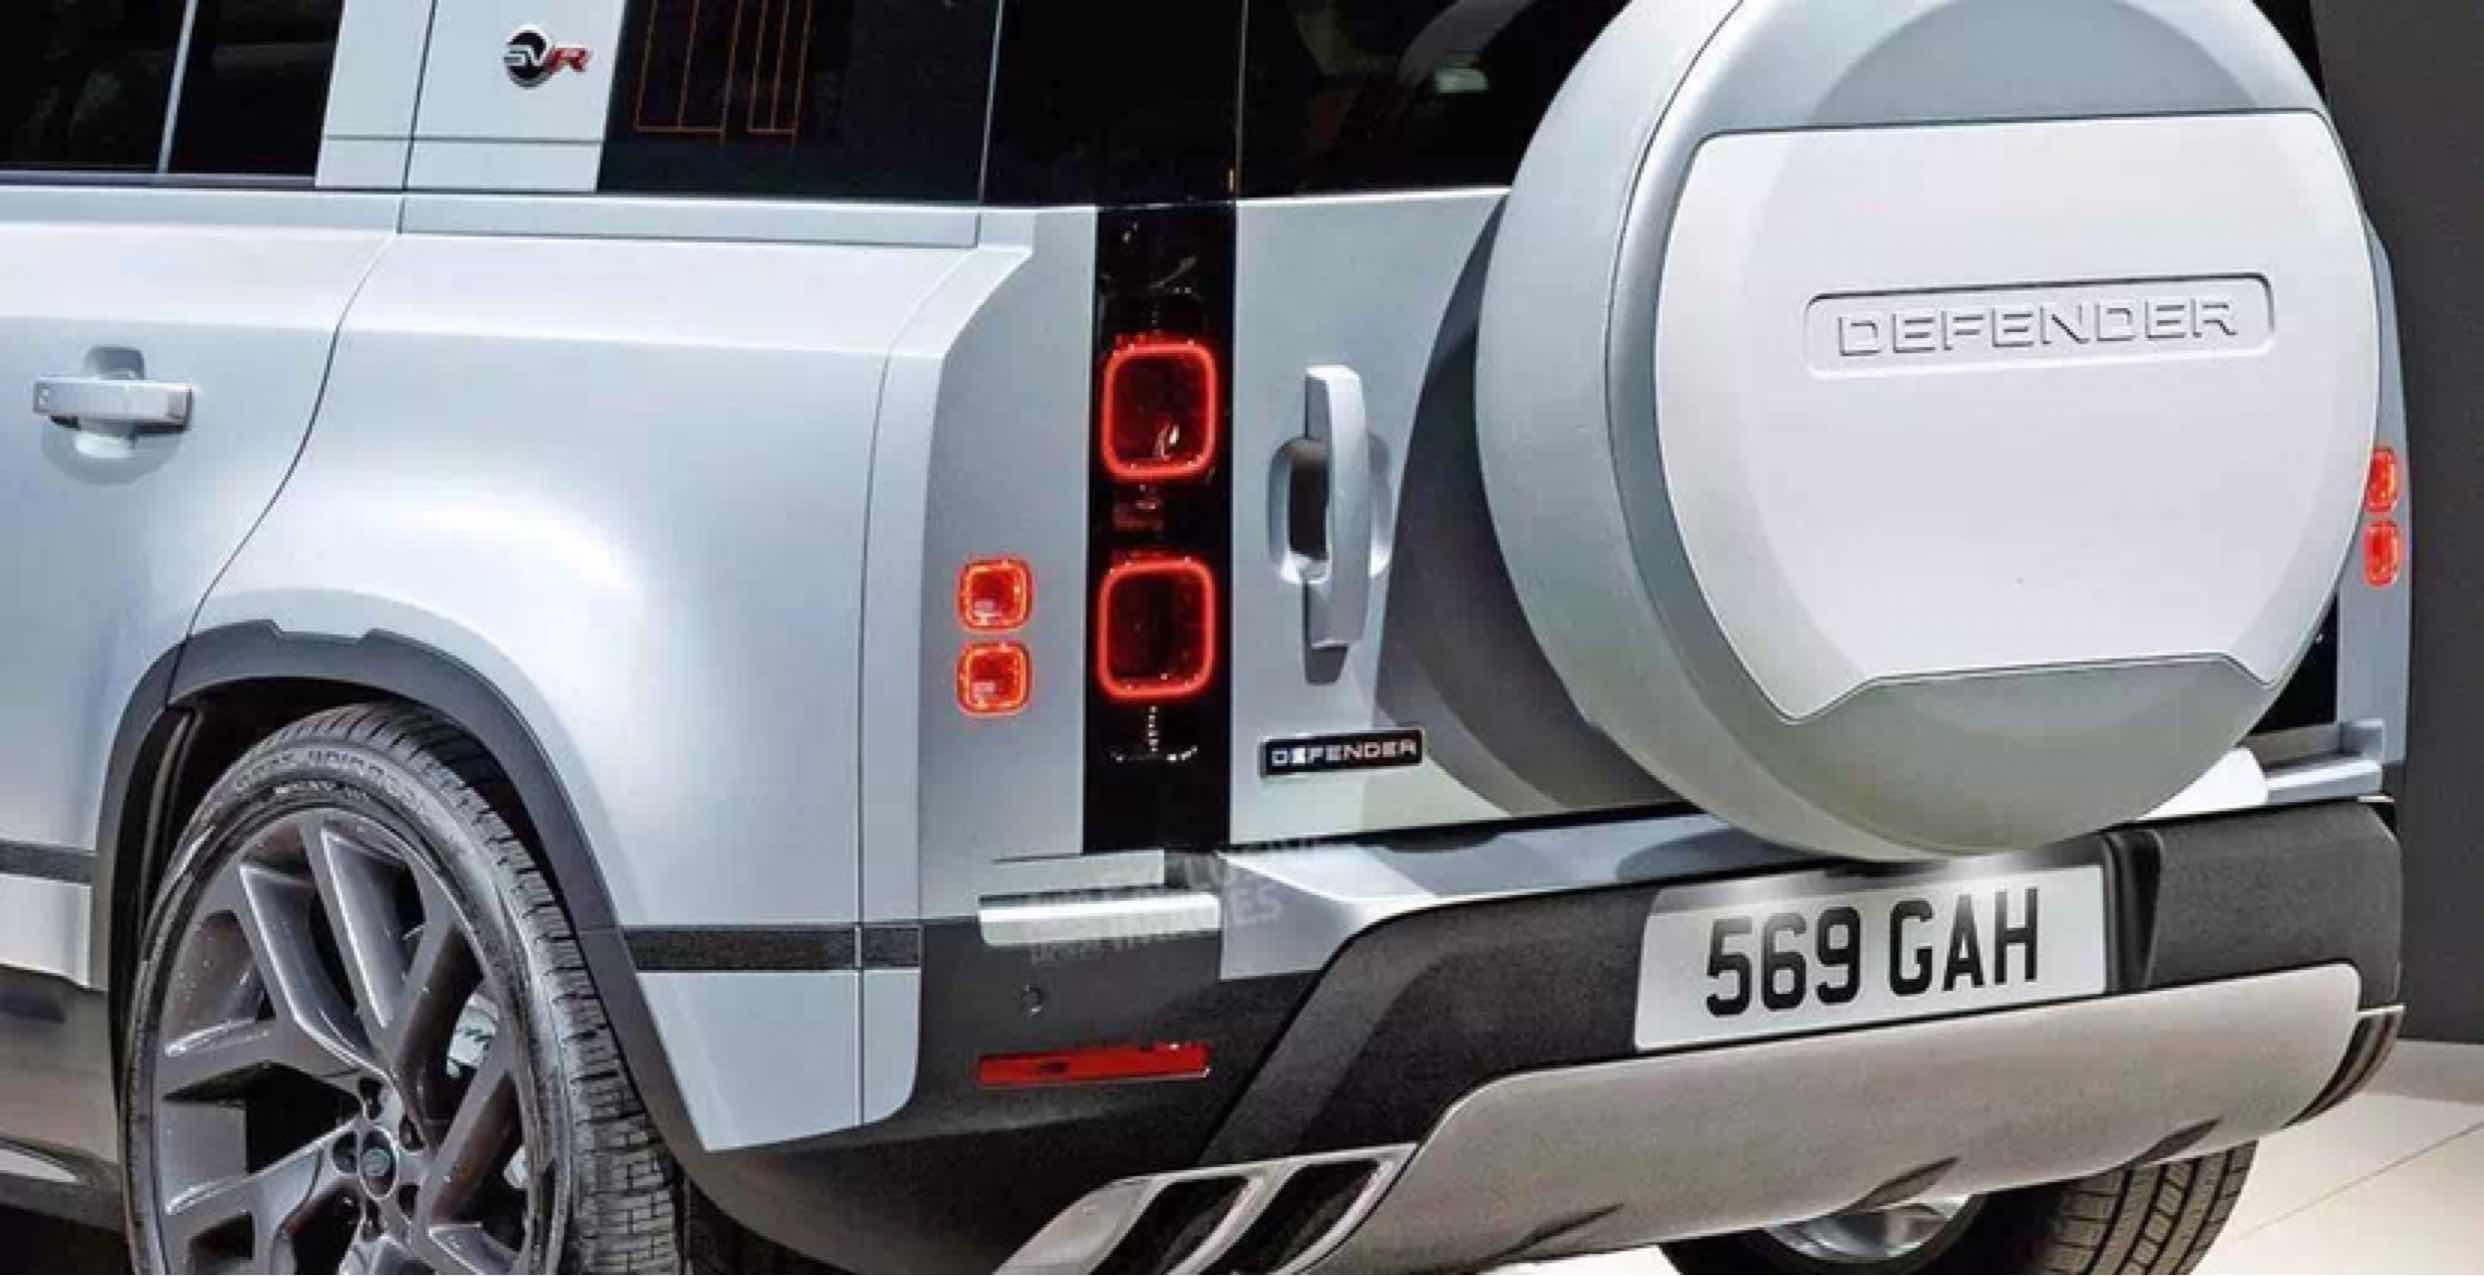 路虎卫士将推SVR高性能版,剑指奔驰G63 AMG